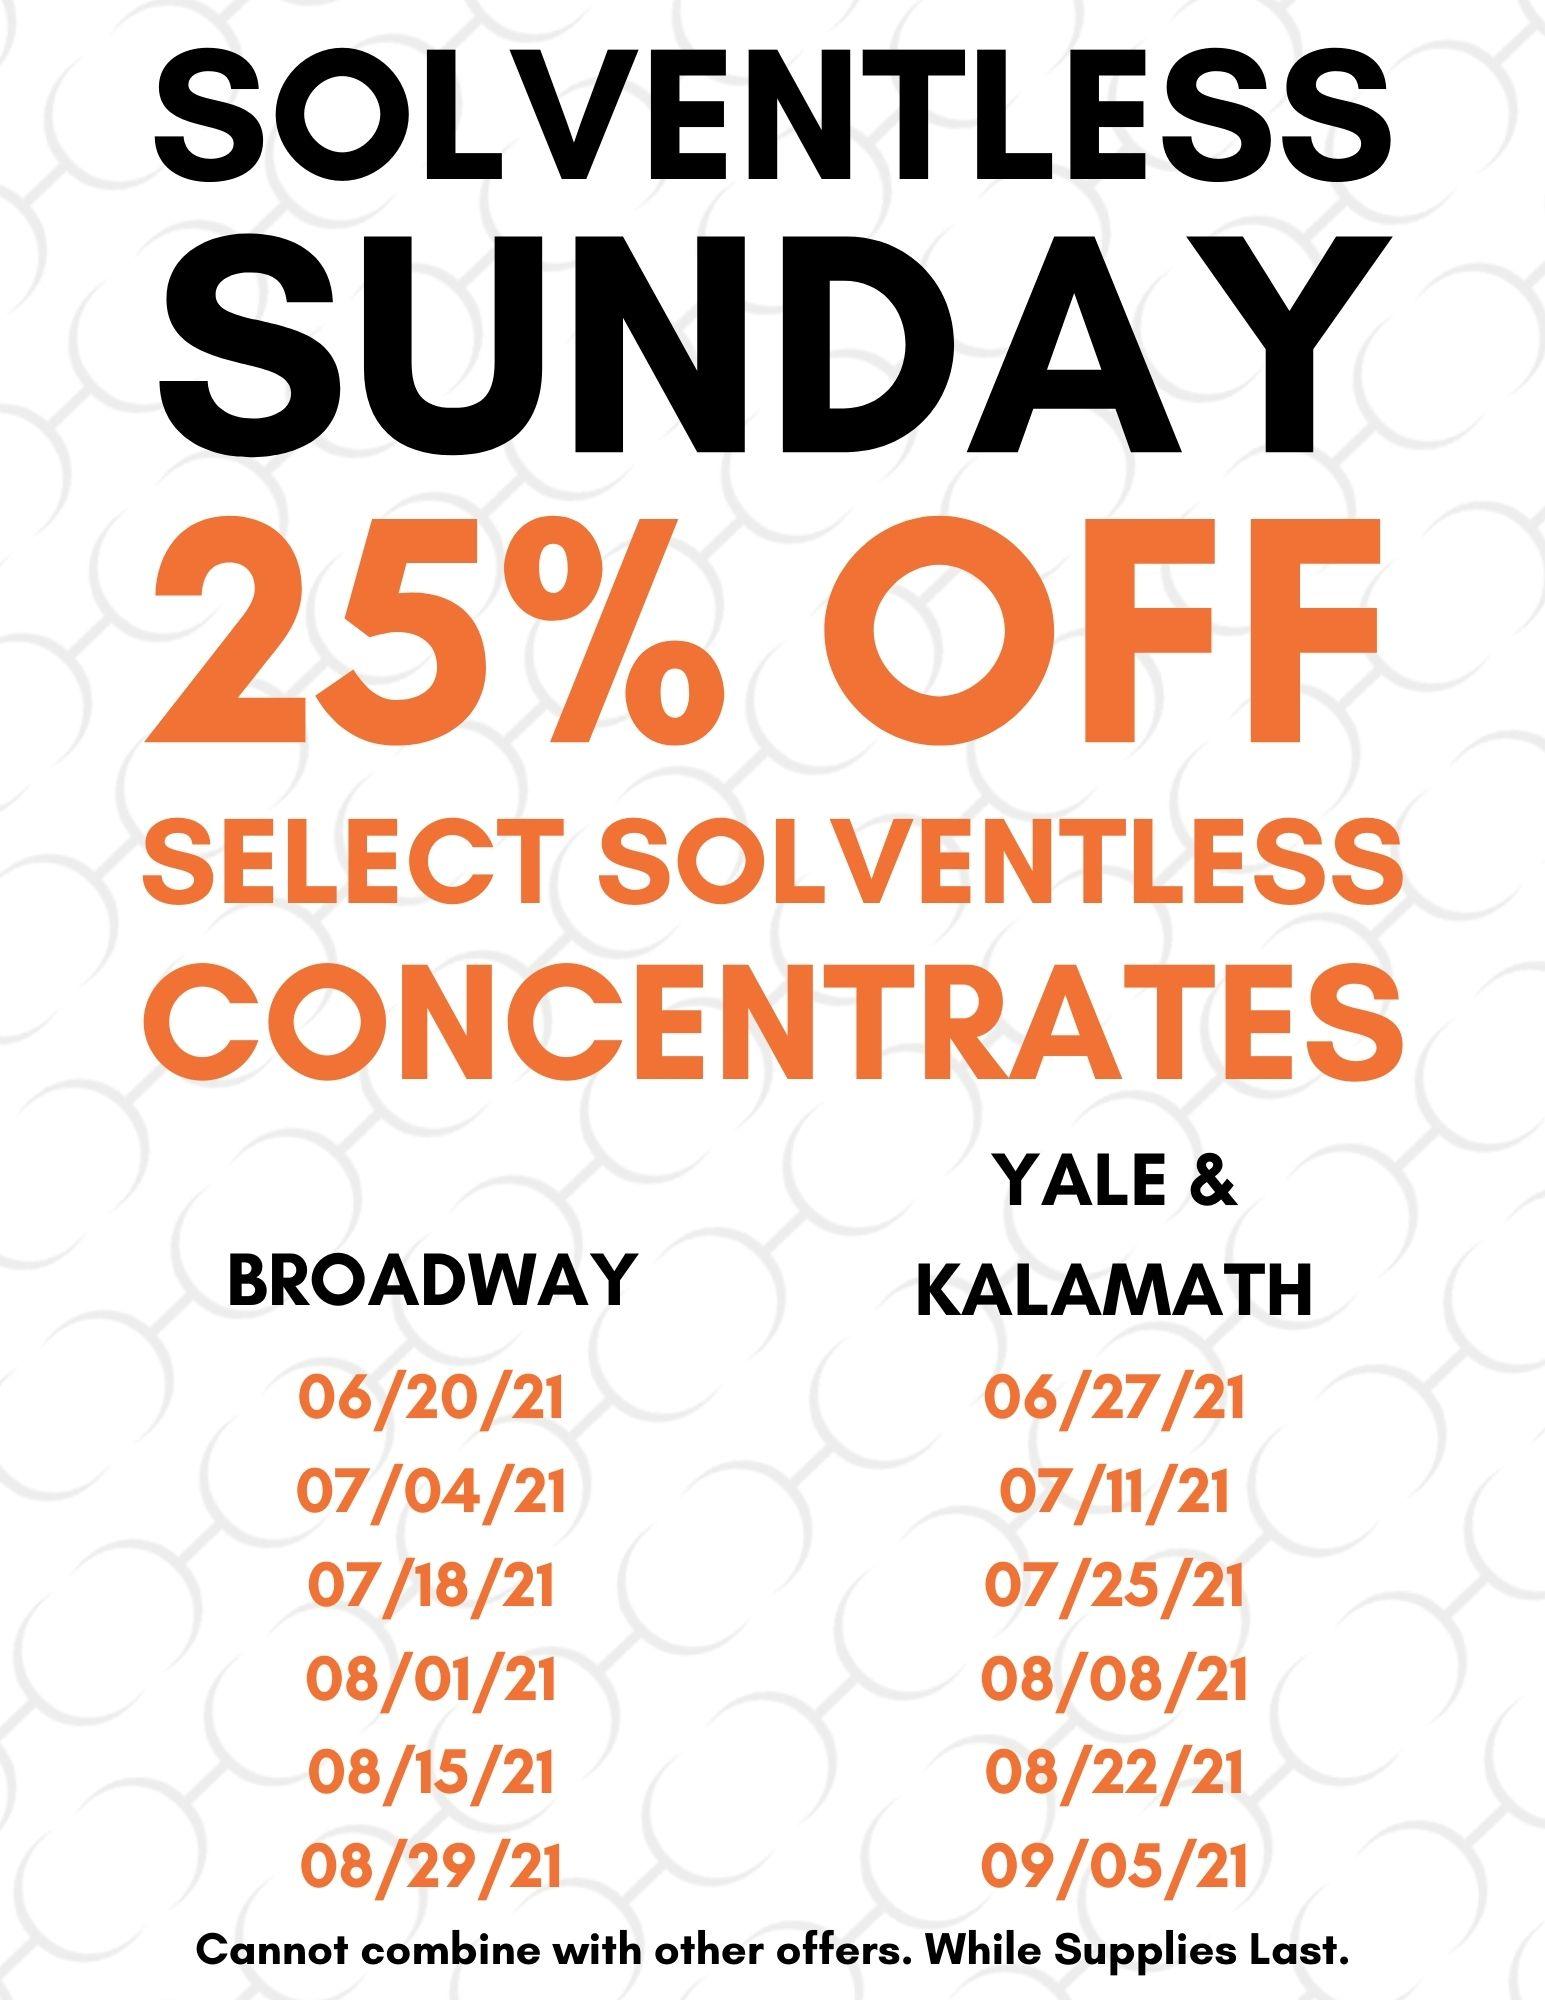 Solventless Sunday Schedule 01.06.21